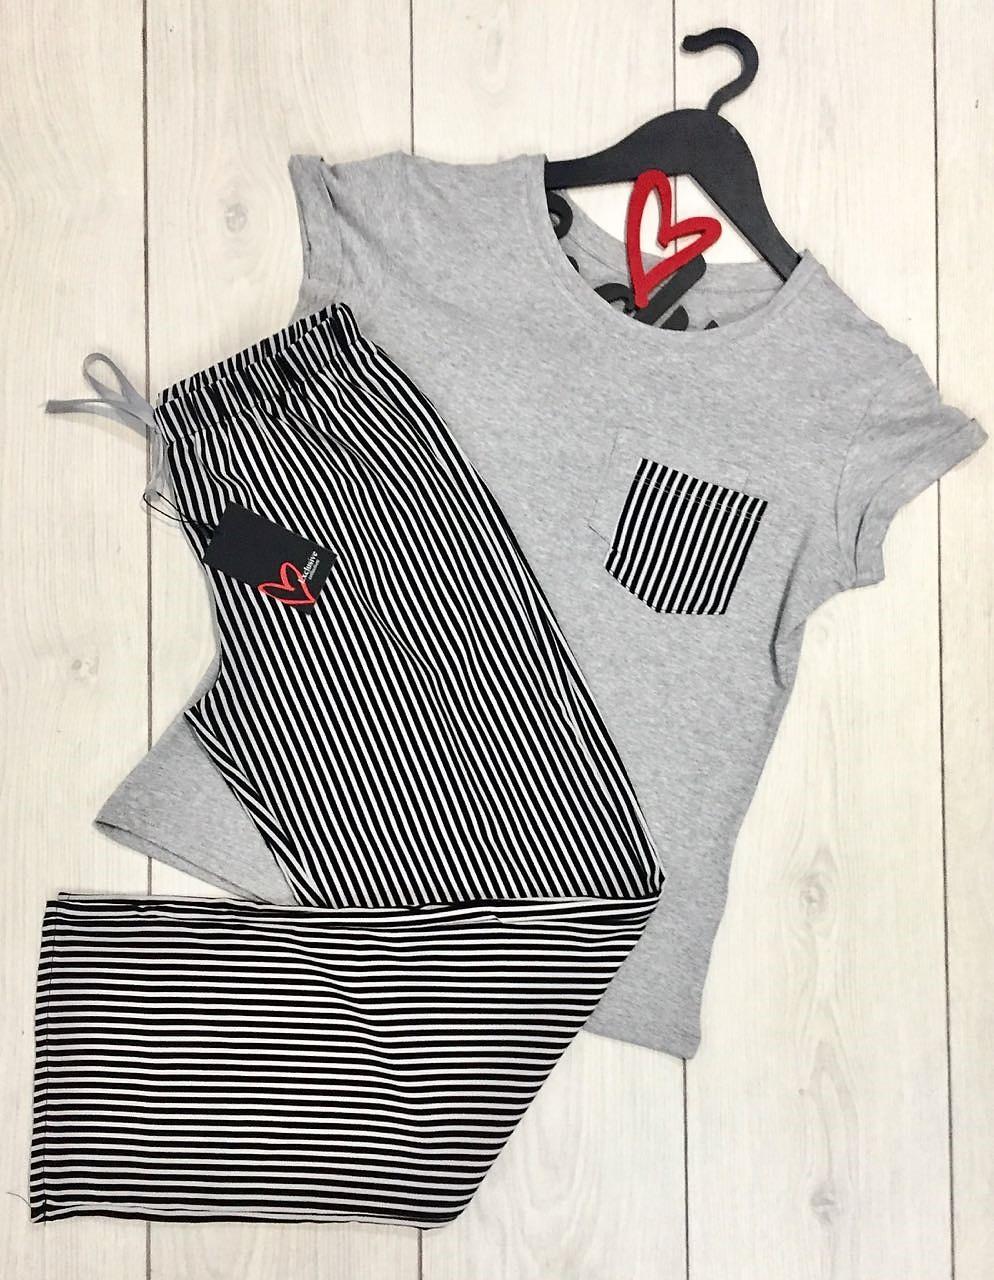 Полосатый молодежный комплект пижамы: футболка + штаны размер 42-44